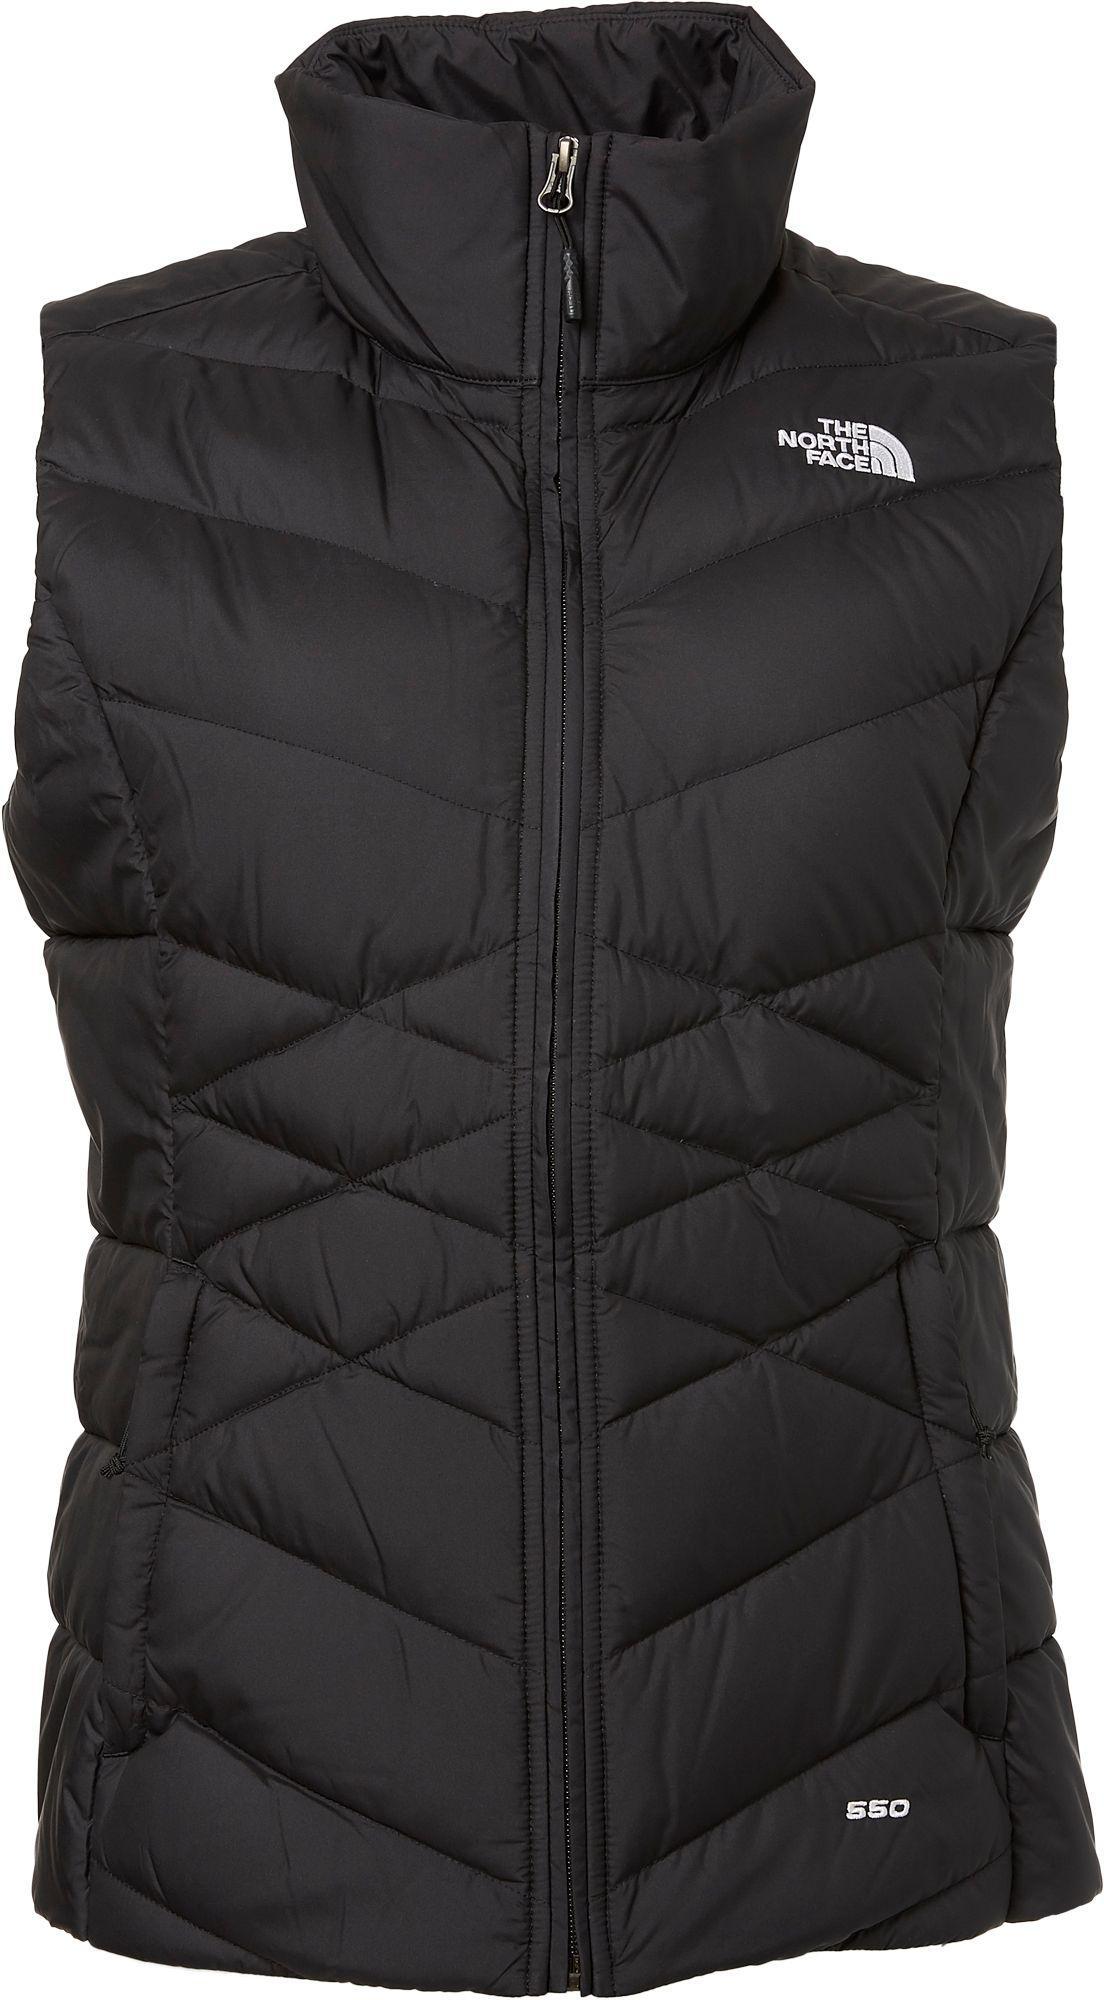 Lyst - The North Face Alpz Down Vest in Black fa6469512b